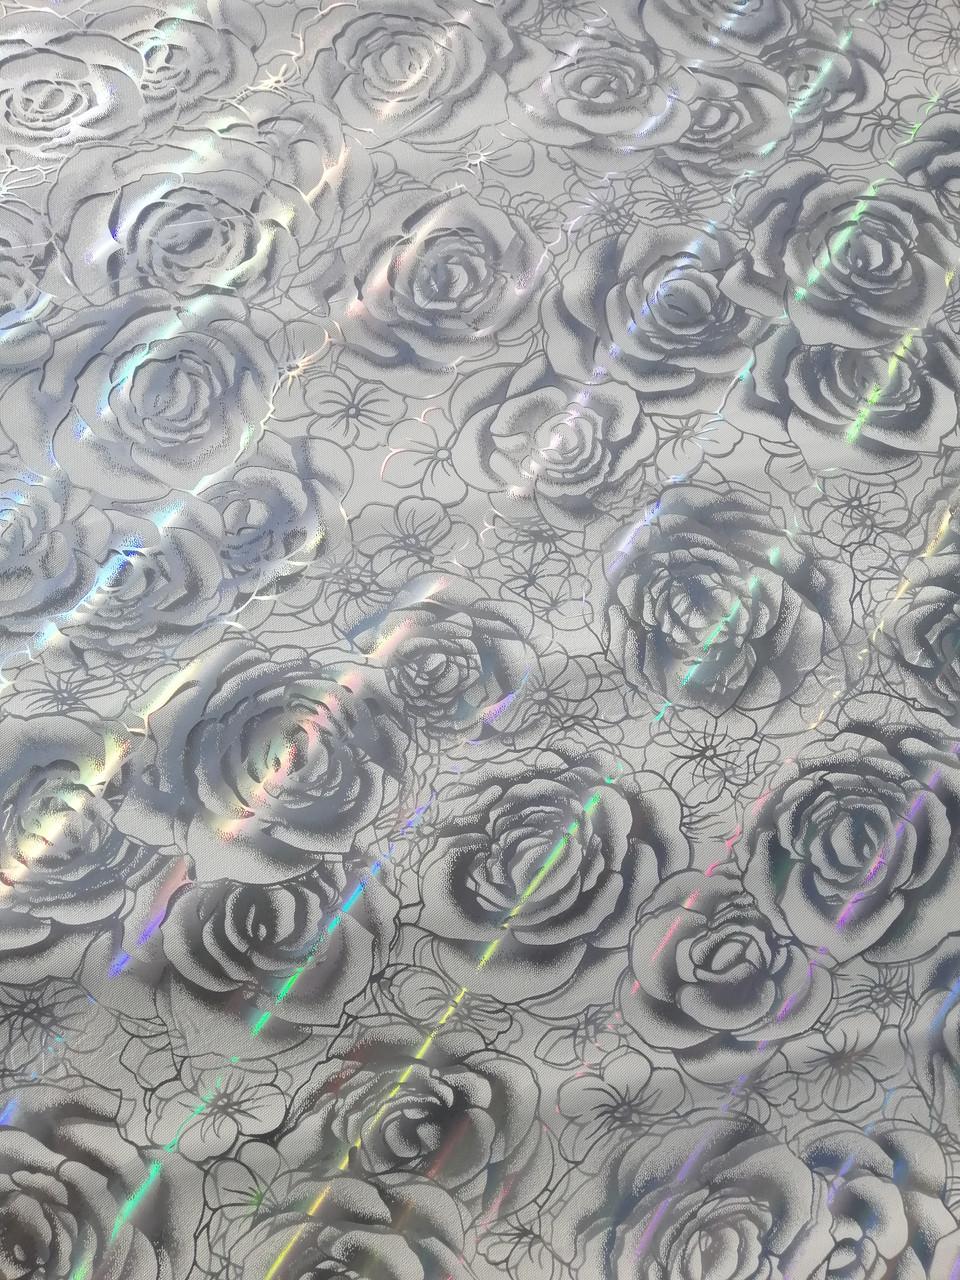 Прозрачное Мягкое стекло с лазерным рисунком Серебряных роз, толщина 800 мкм